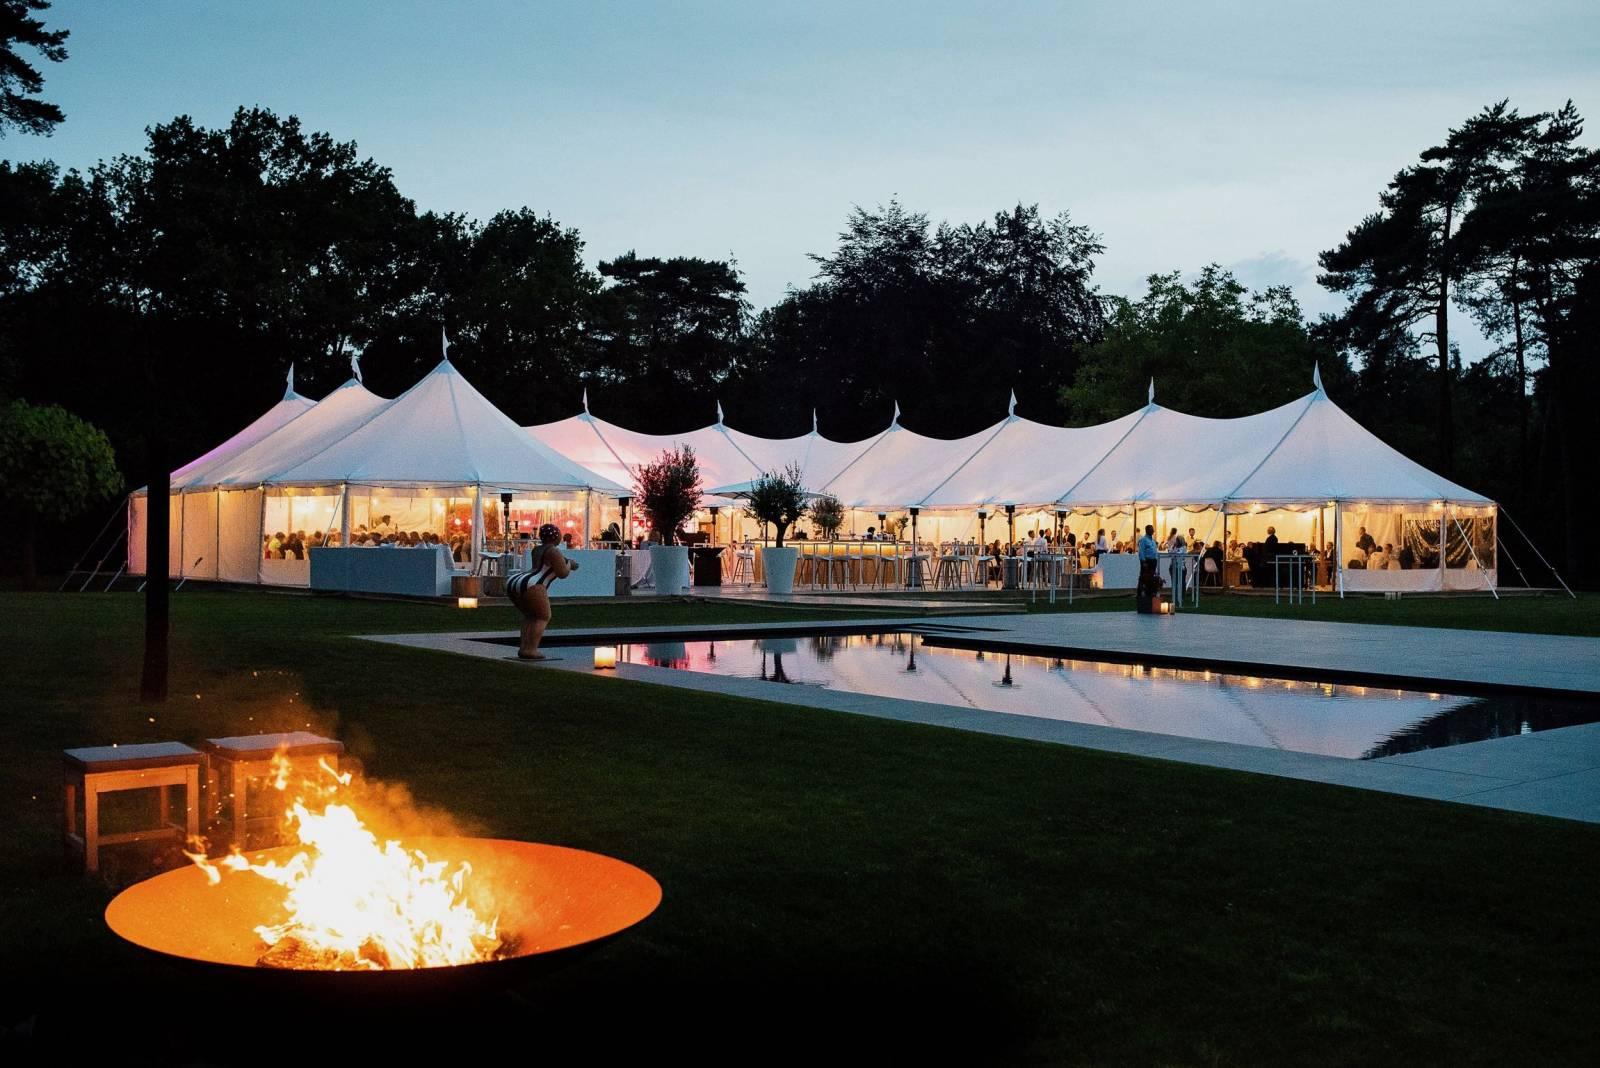 Altiro Tenten - Wedding Tent - Feesttent - Huwelijk trouw bruiloft - House of Weddings - 24